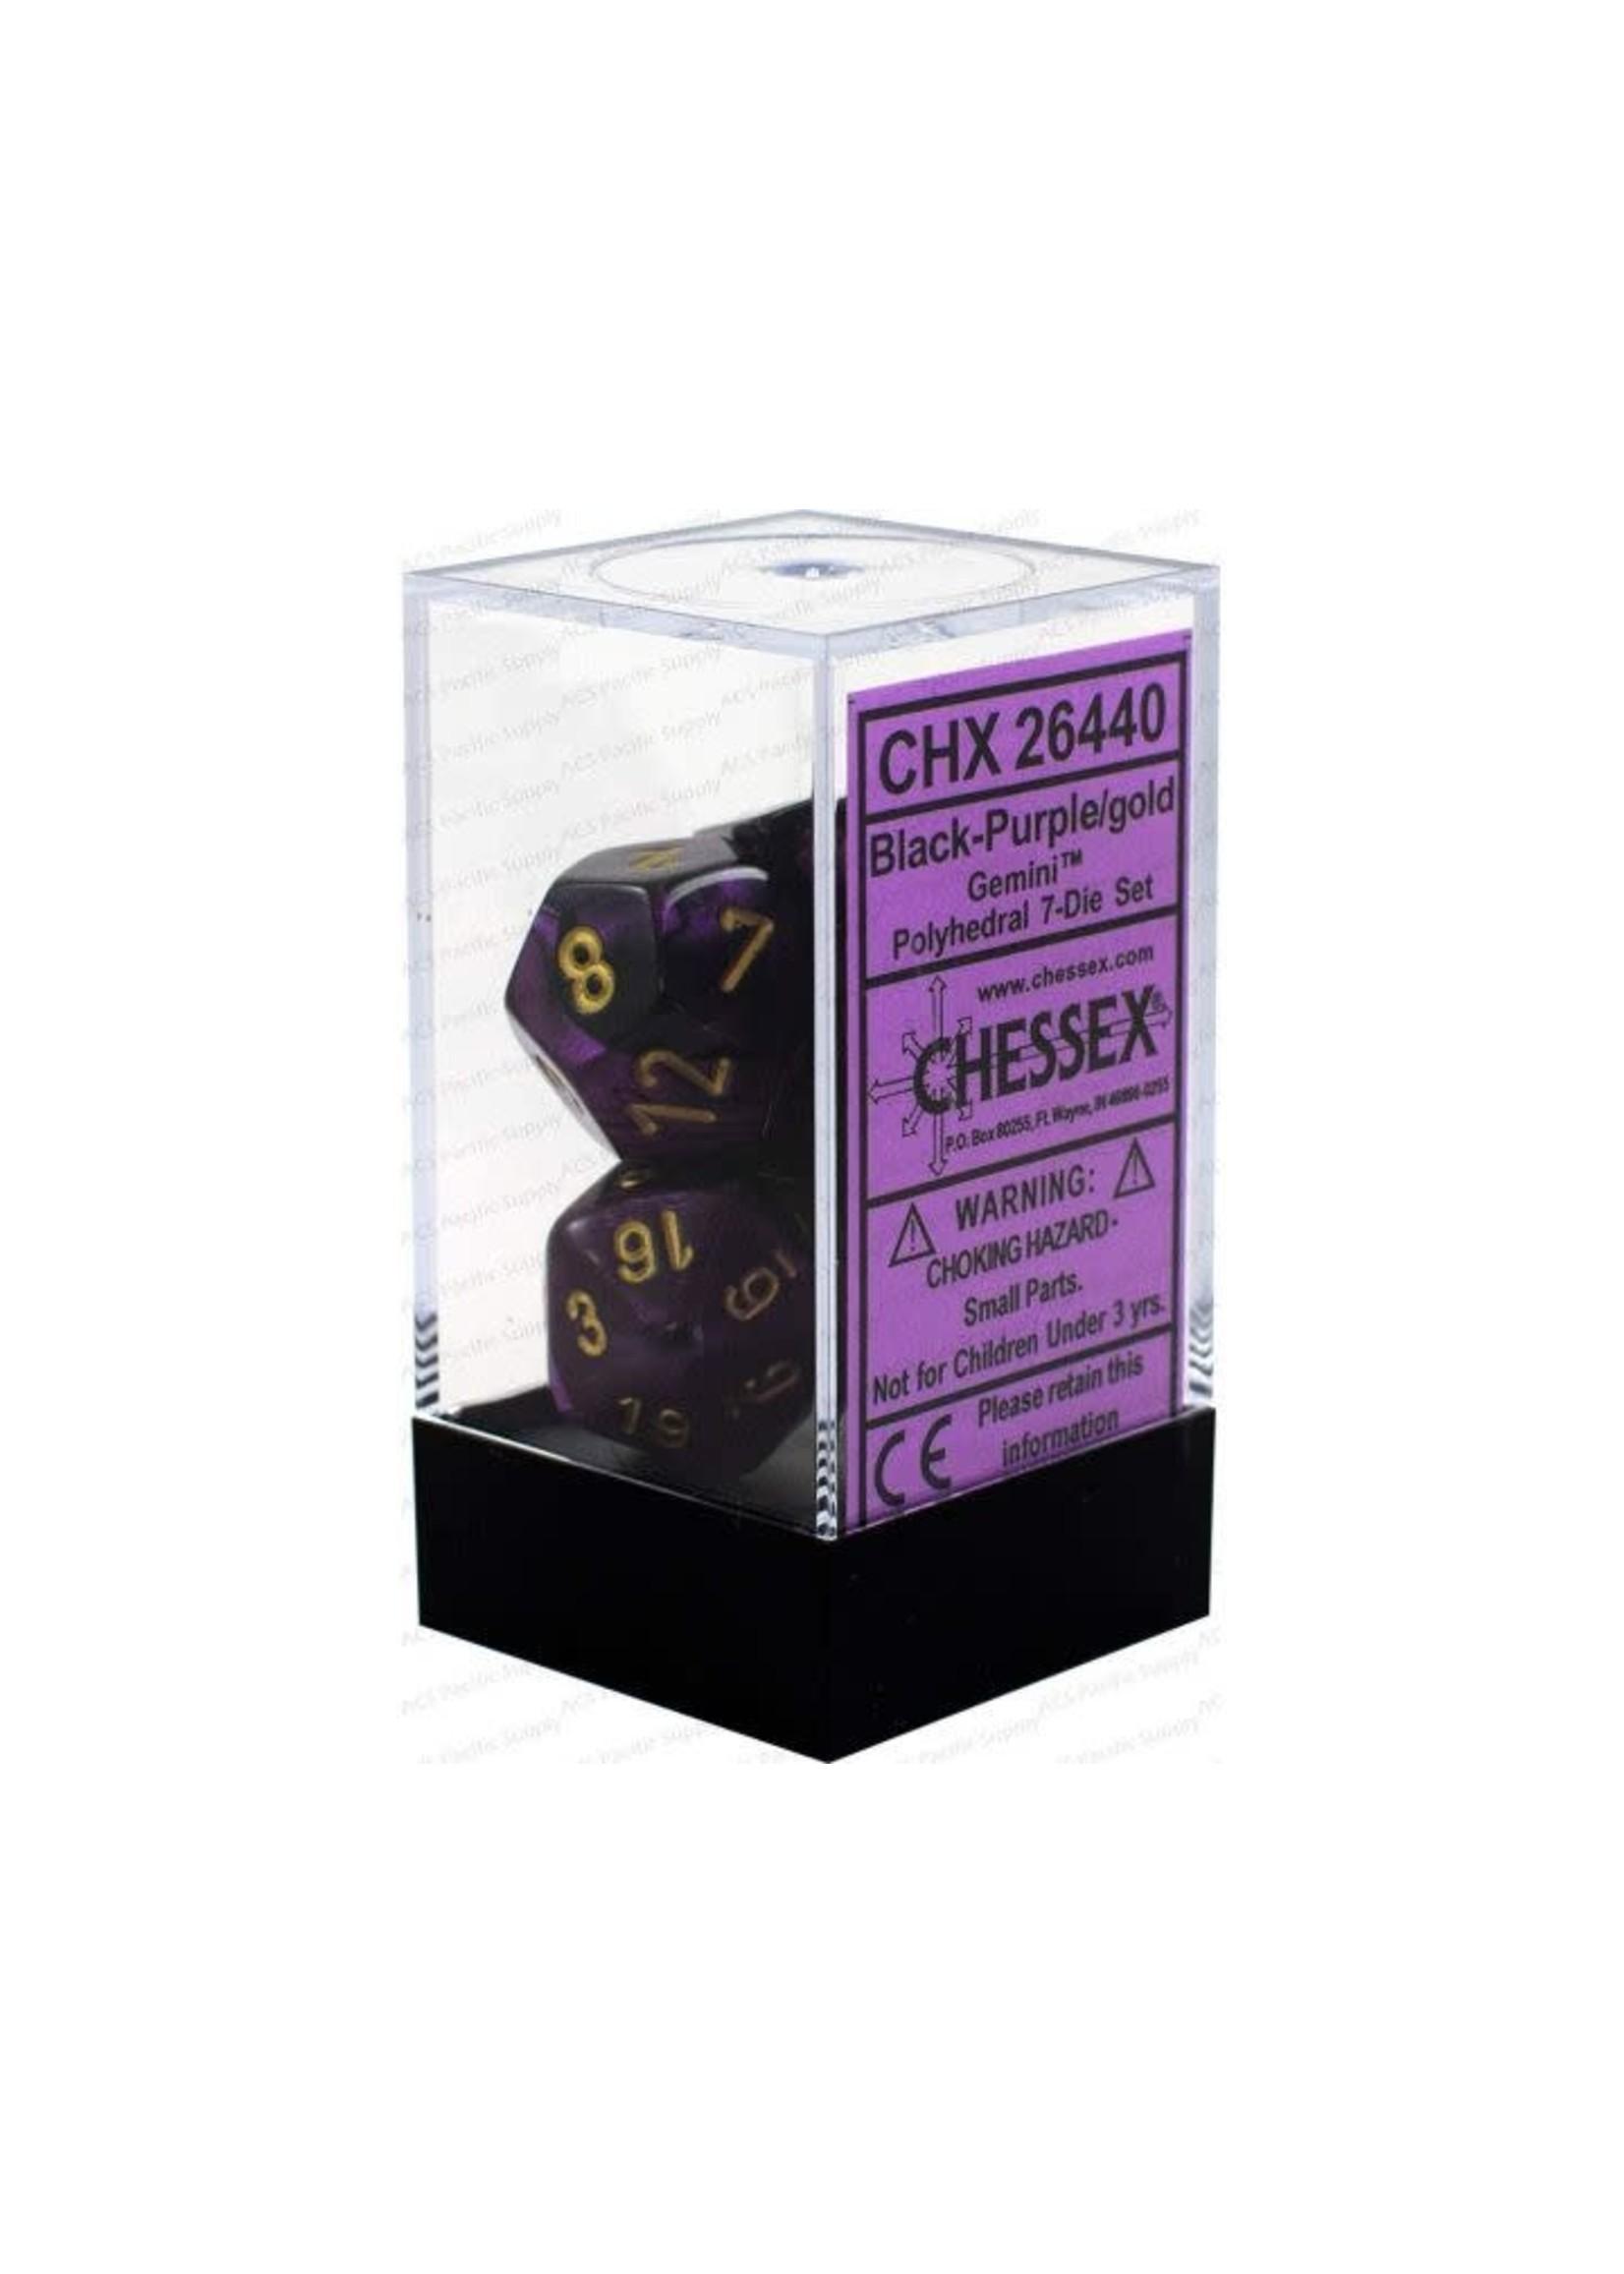 Gemini Polyhedral 7-Die Sets - Black-Purple W/Gold